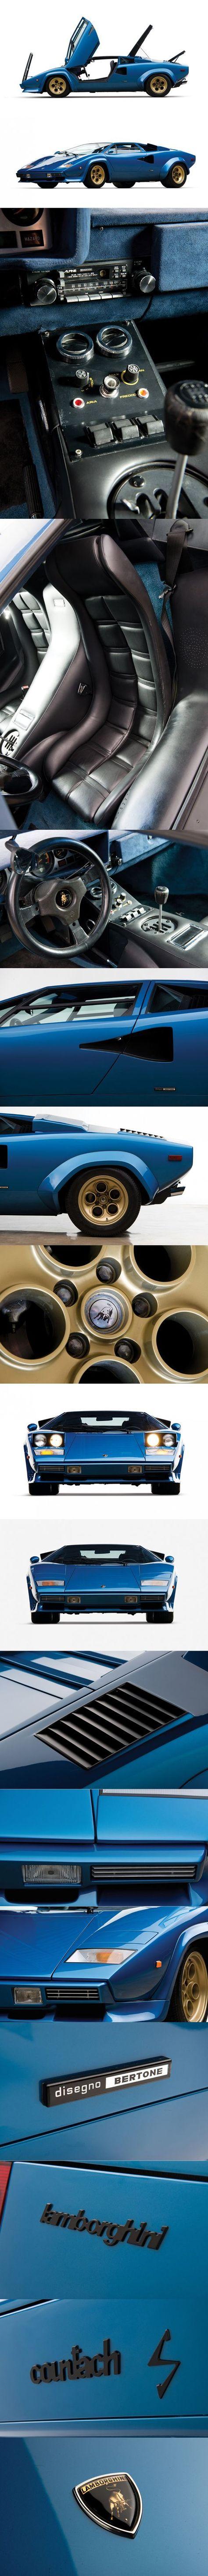 466f41f8c84061c522e9f831f6c6cfe7--marcello-italy Astounding Lamborghini Countach Built In Basement Cars Trend